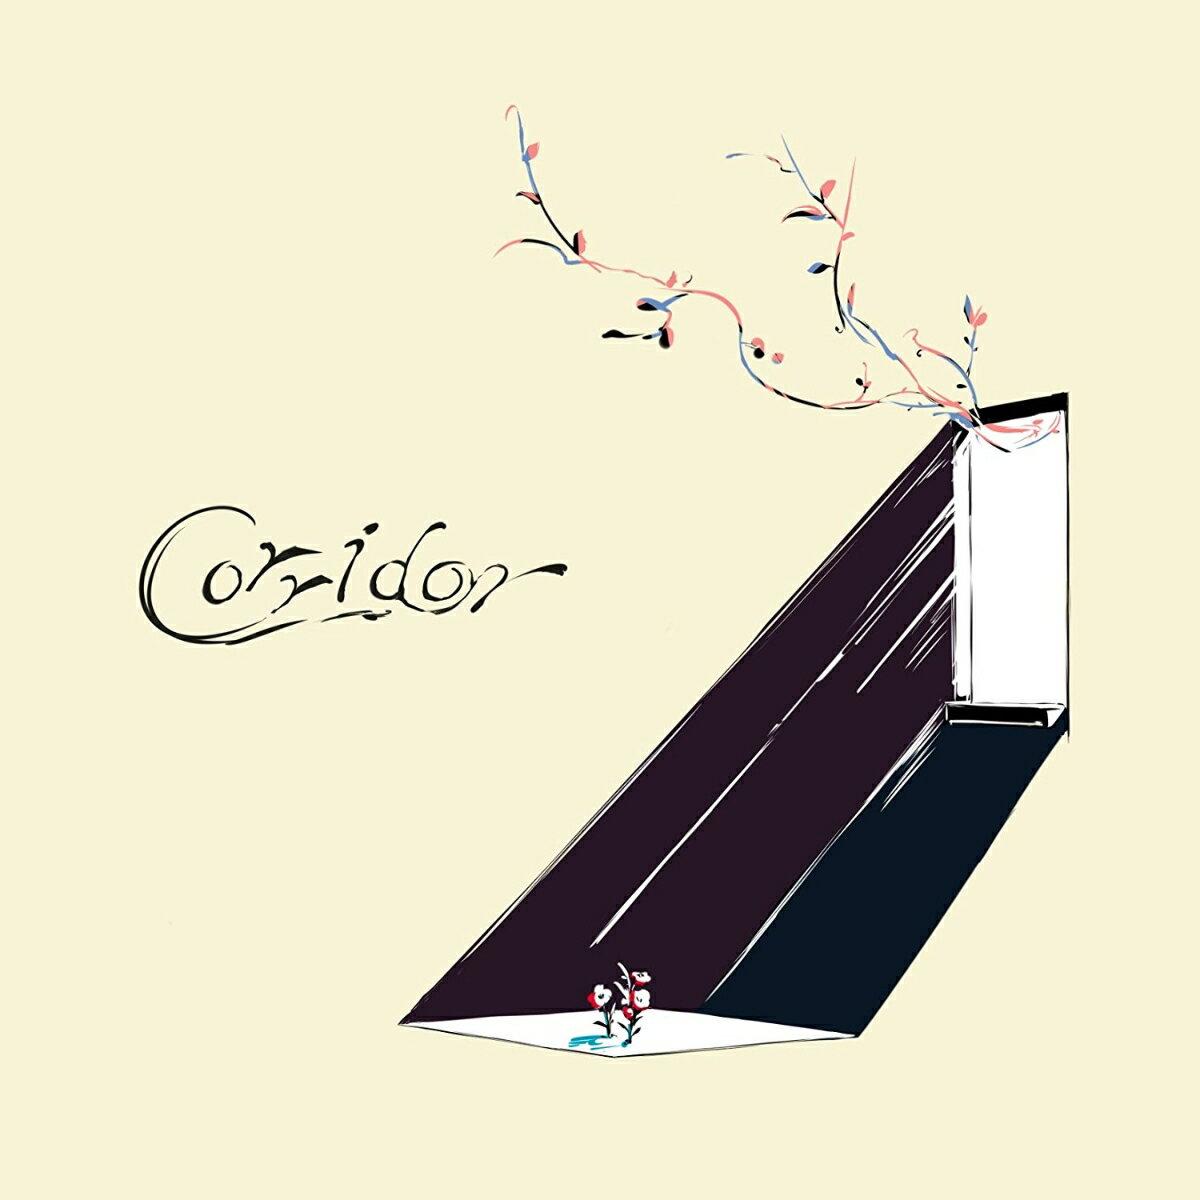 Corridor [ バルーン ]